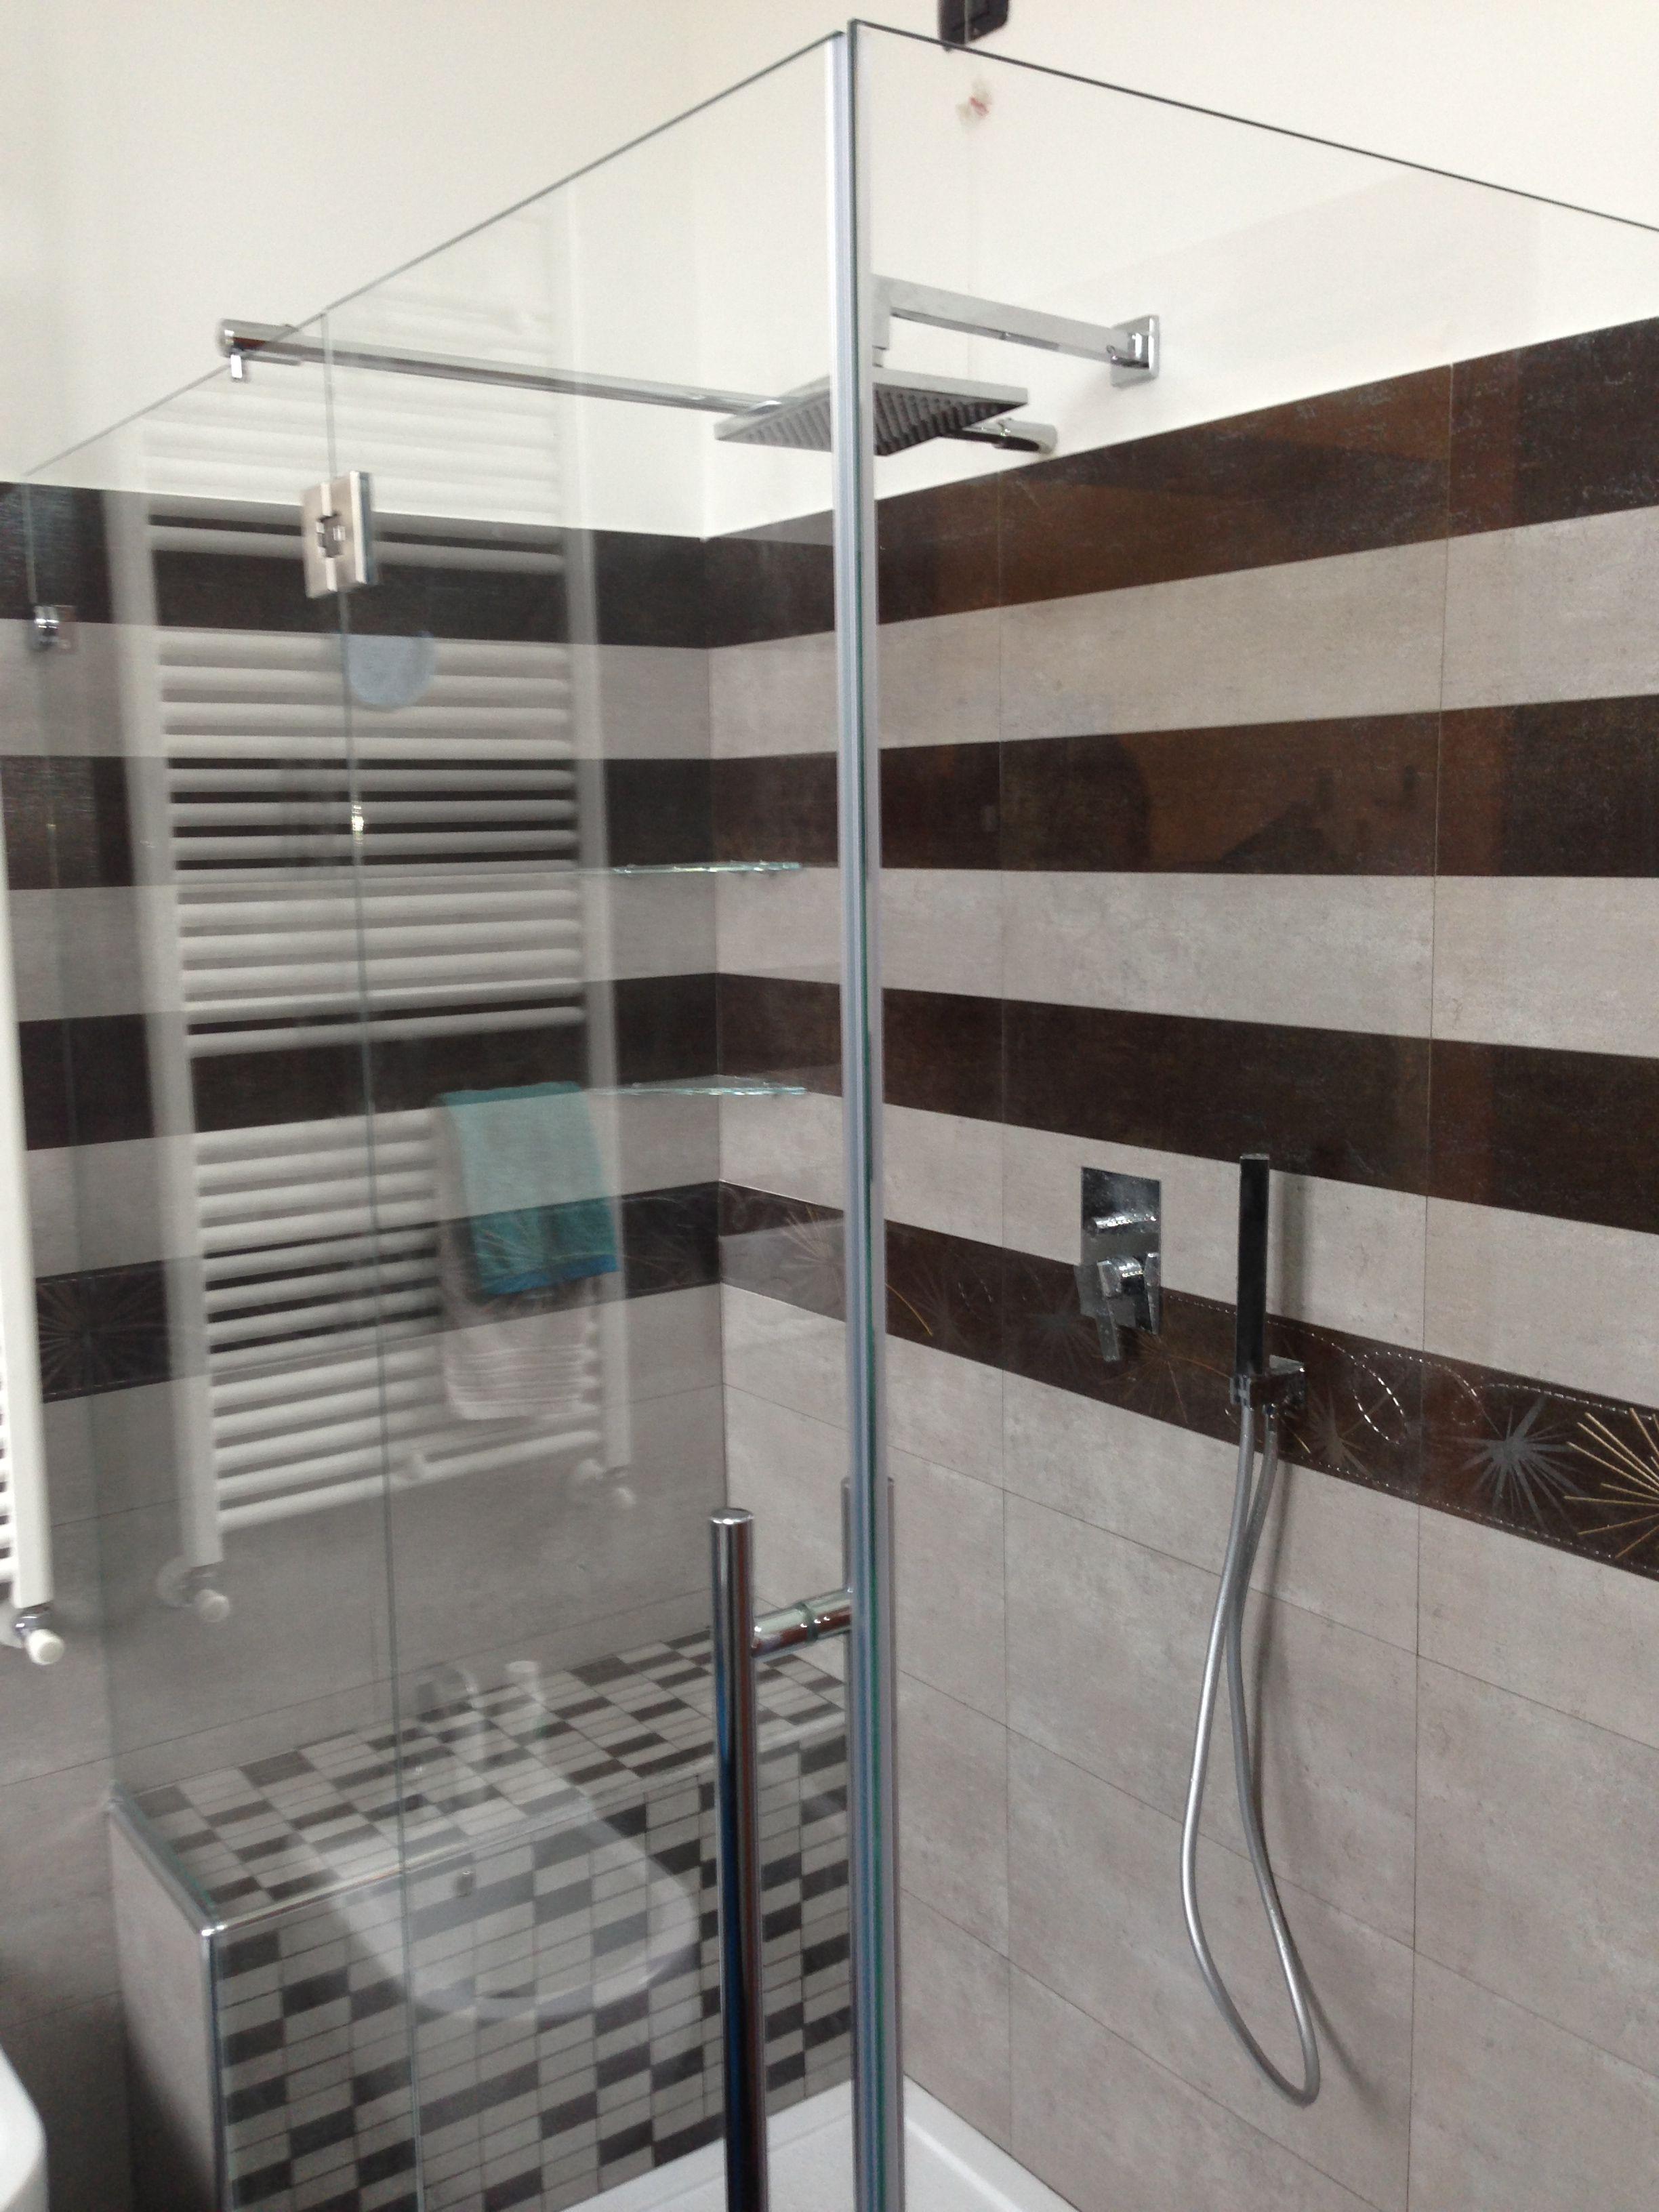 Studio dei rivestimenti per il box doccia arredo bagno pinterest - Rivestimenti per doccia ...